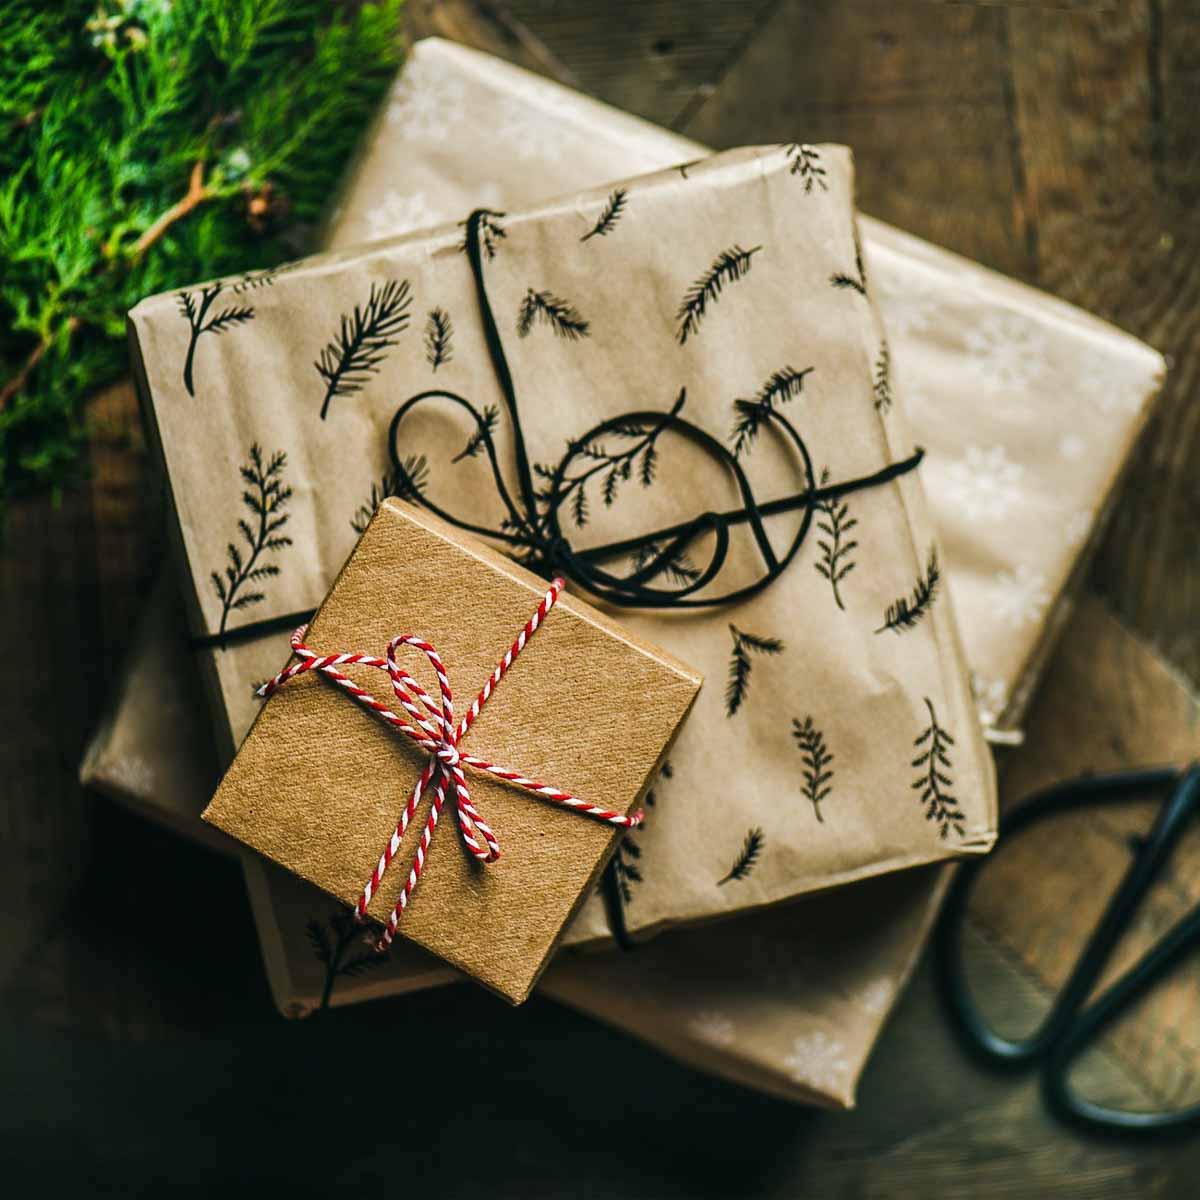 Die Schönsten Weihnachtsgeschenke.Die Schönsten Geschäfte Zum Weihnachtsgeschenke Kaufen München